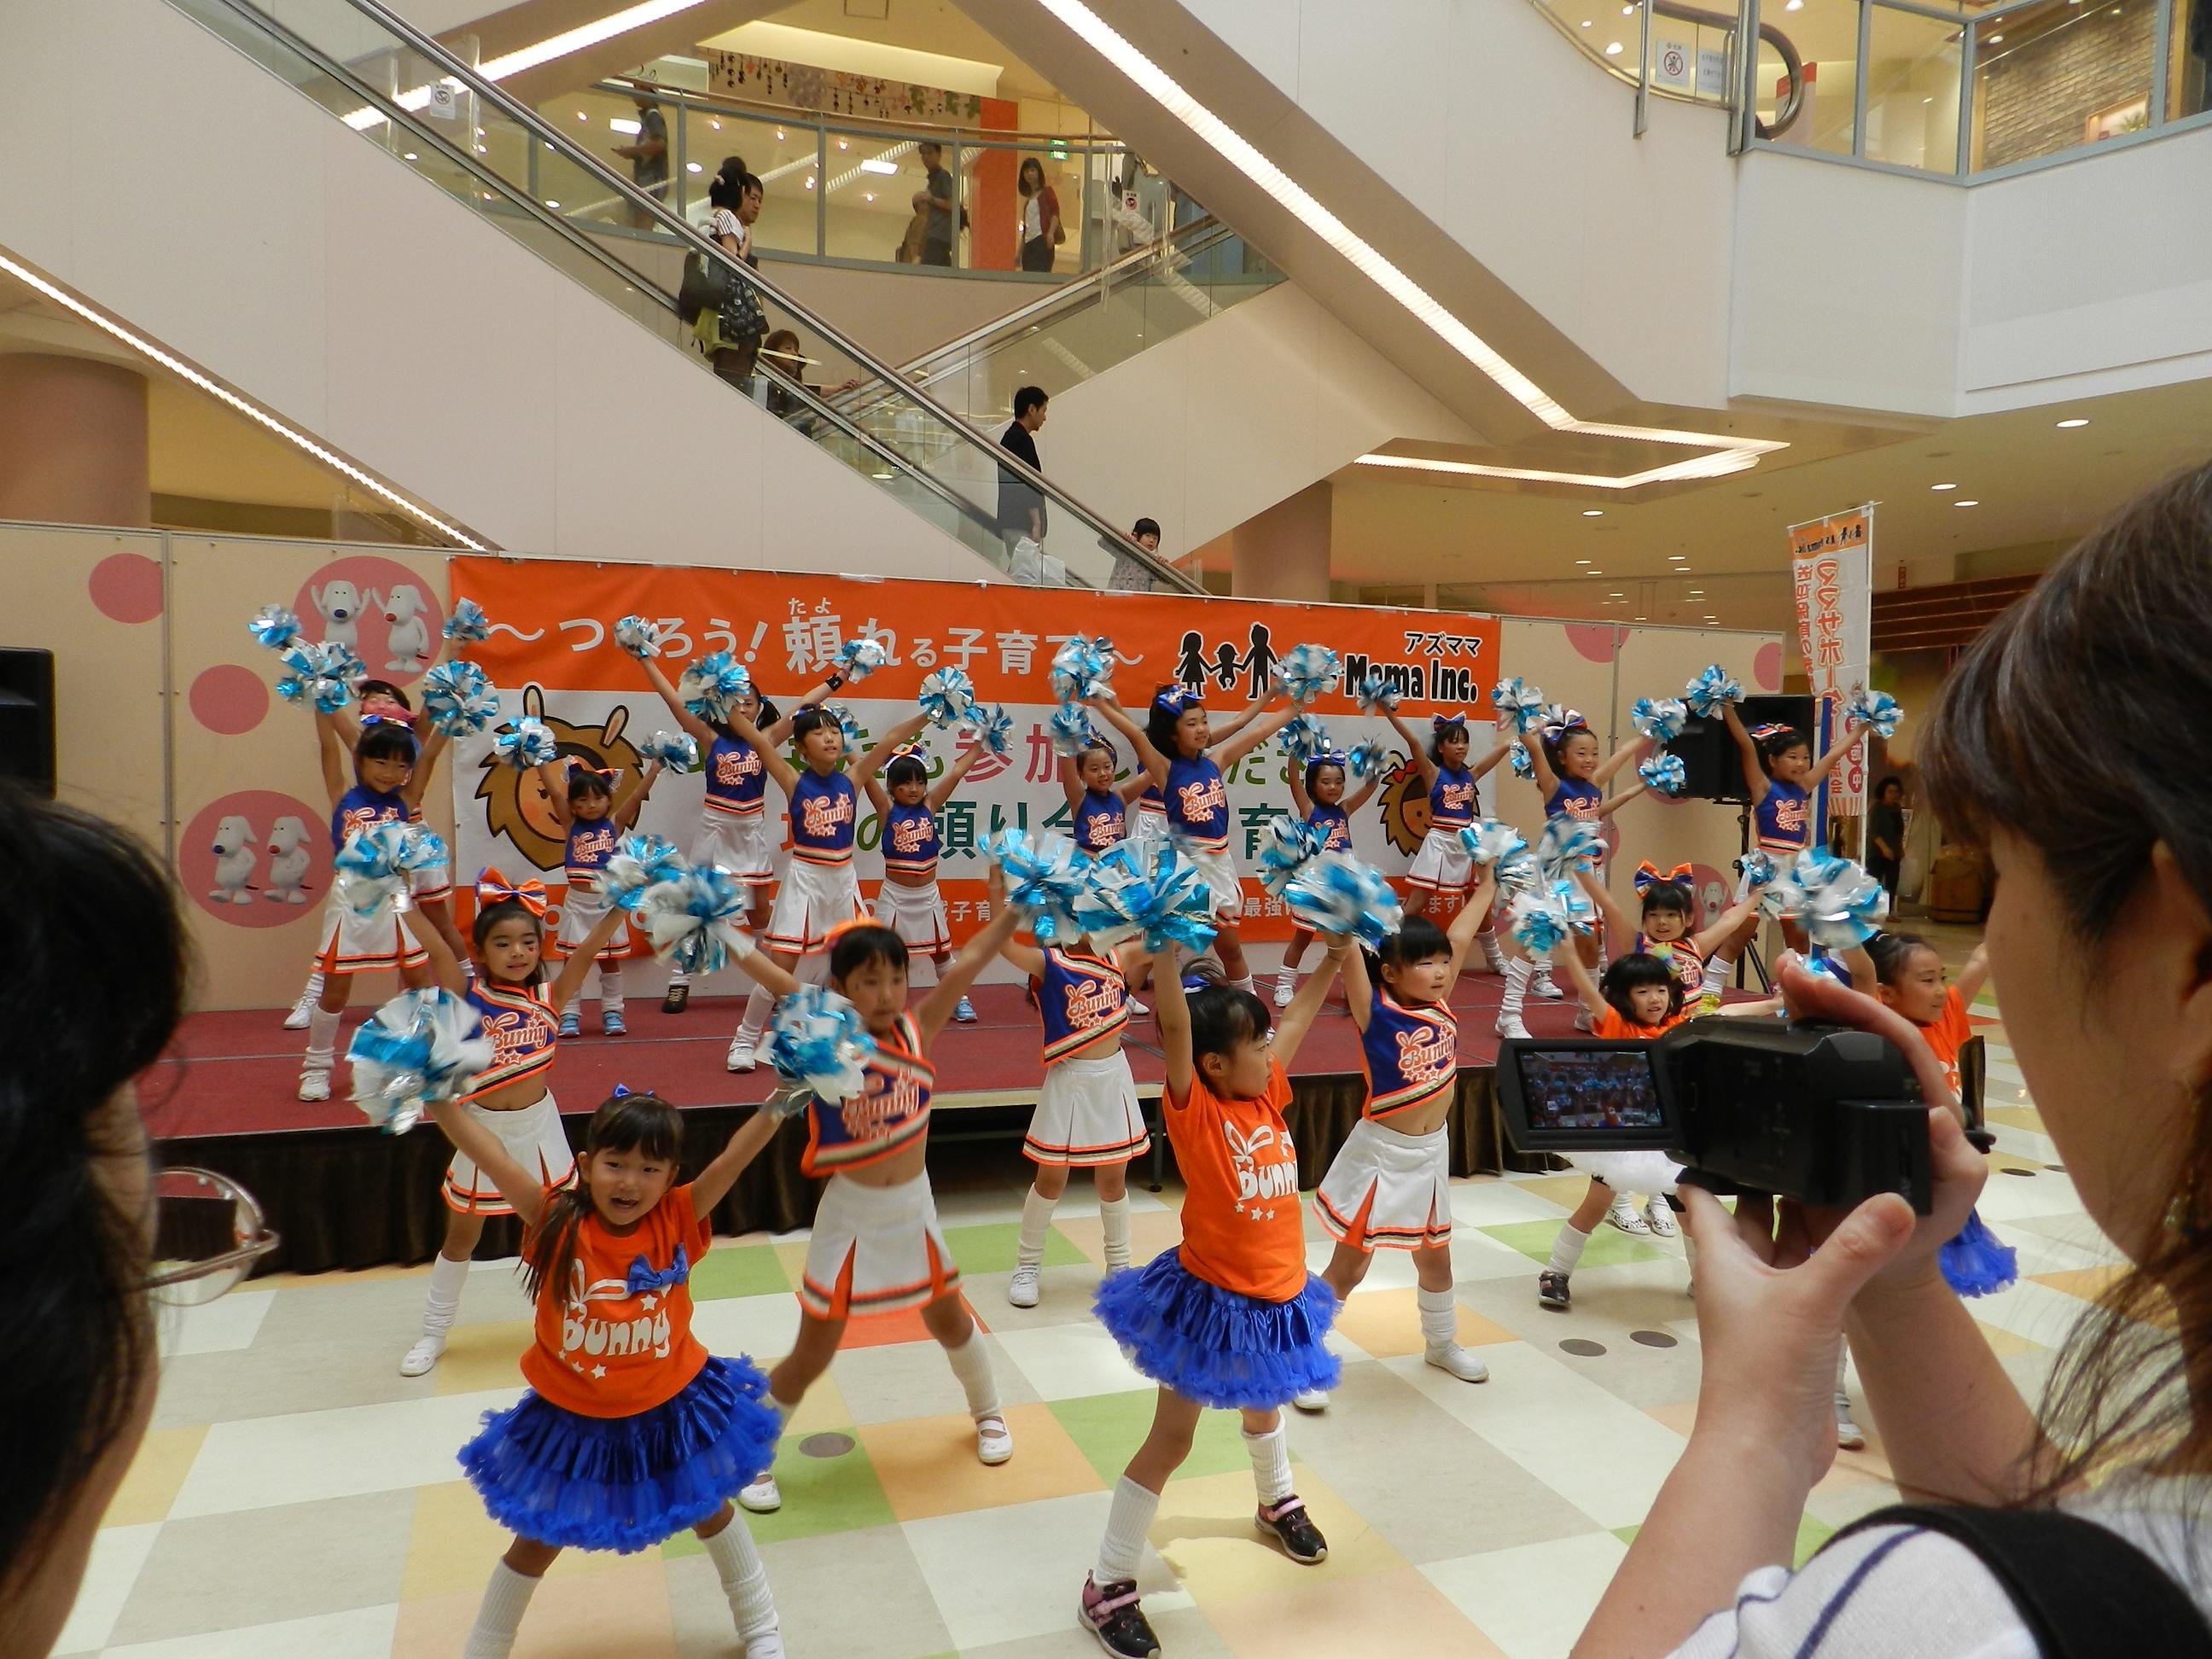 北海道で初開催しました☆子育て応援フェア@アリオ札幌